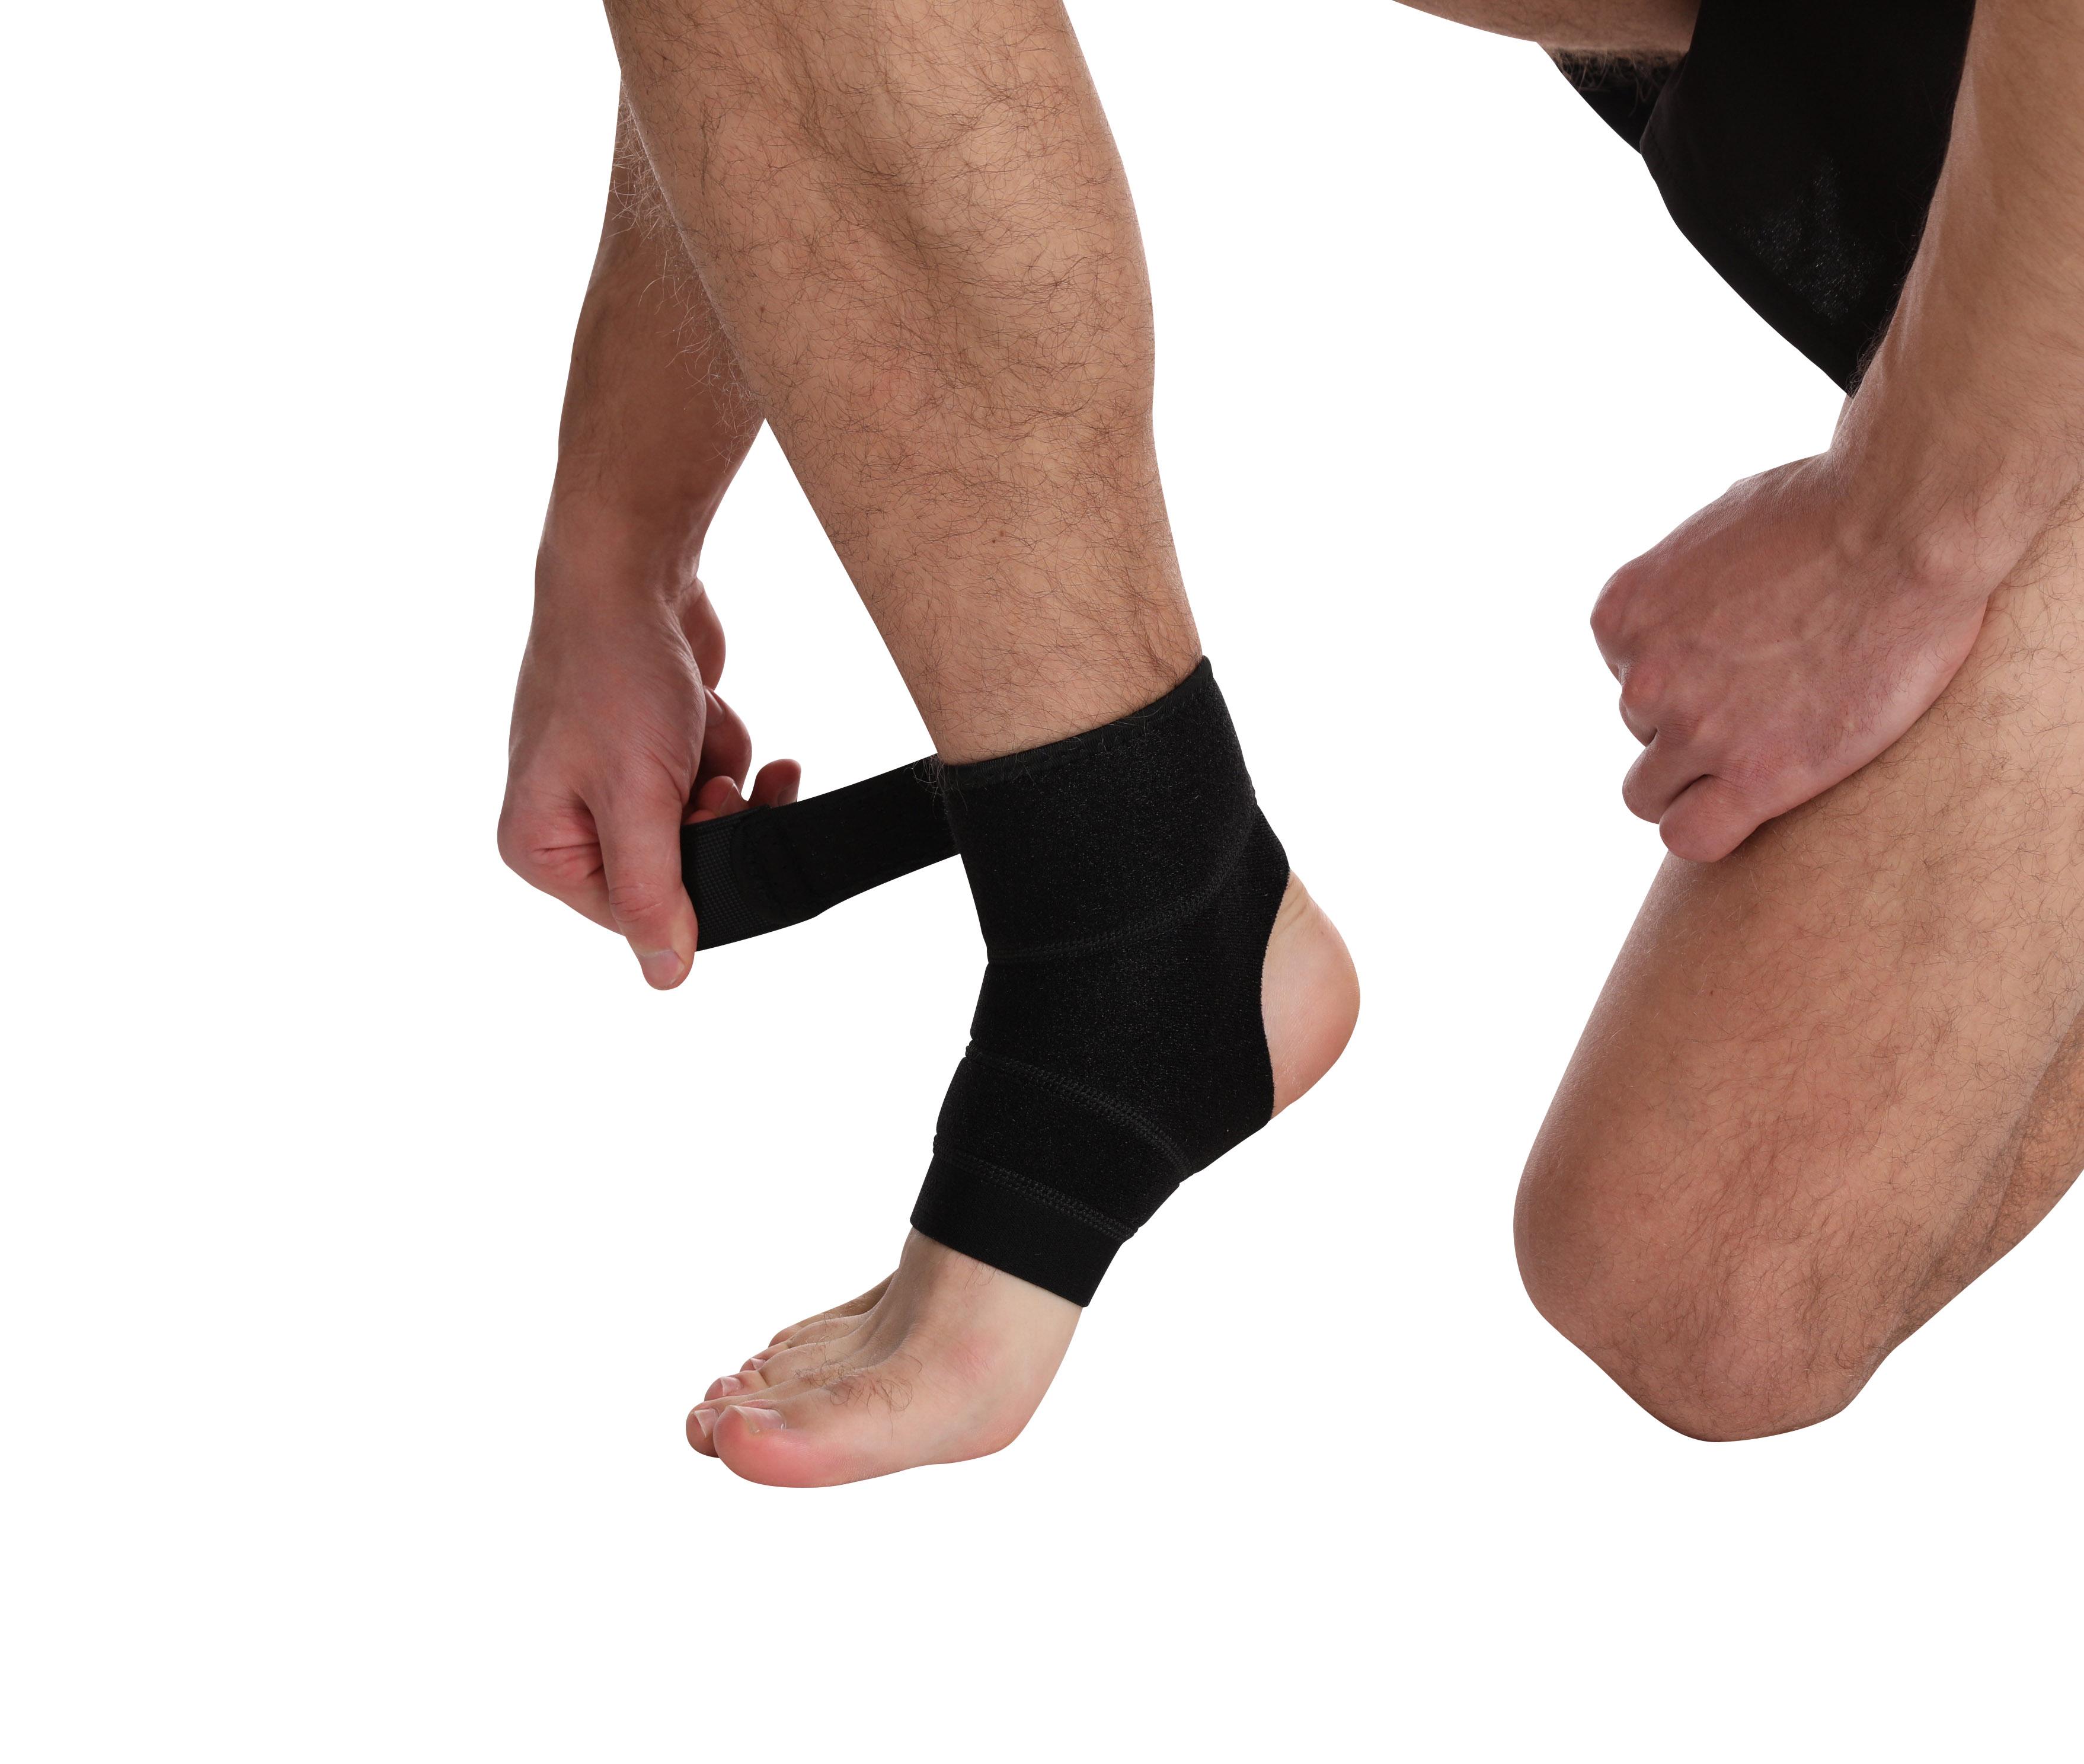 Компрессионная ткань для тренажерного зала, эластичная поддержка лодыжки, бандаж, защищает от травм, восстановление, ремешки на лодыжке, компрессионный рукав